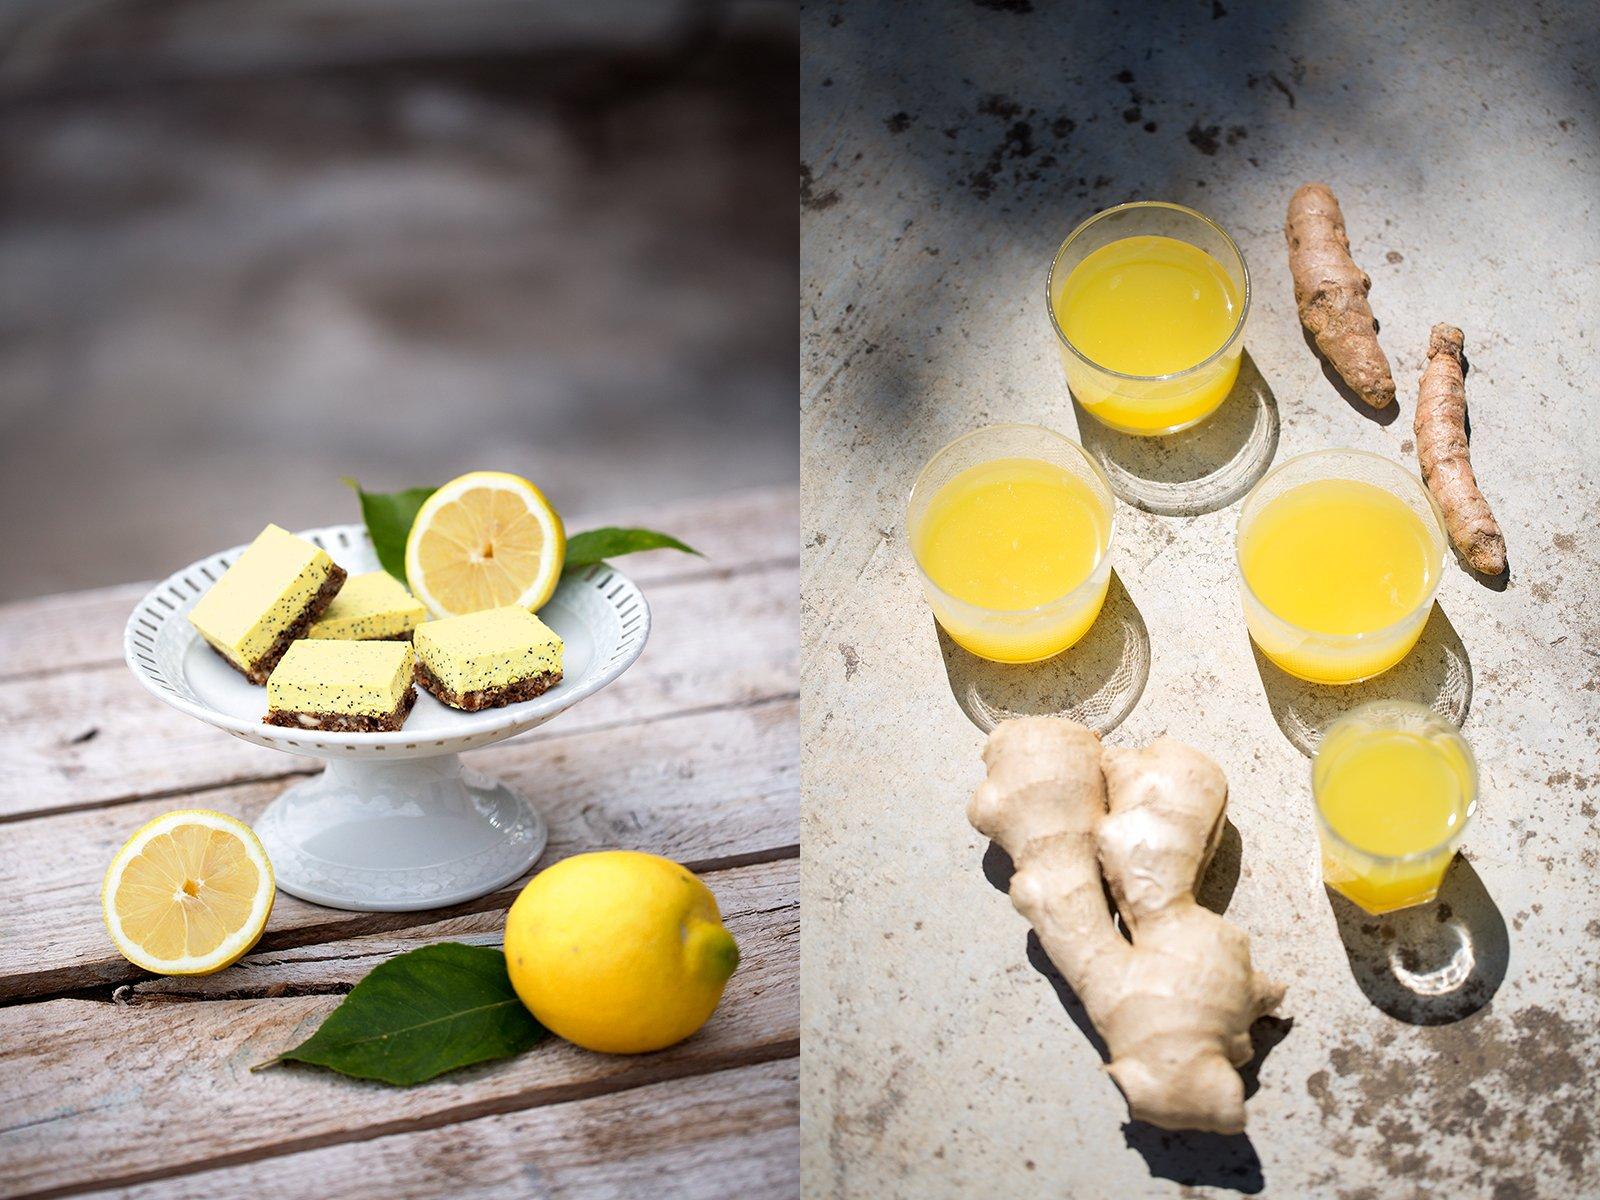 Rezepte-Schoen-und-Gesund-Kochen-und-Kosmetik-fuer-gutes-Aussehen-myotherstories.de